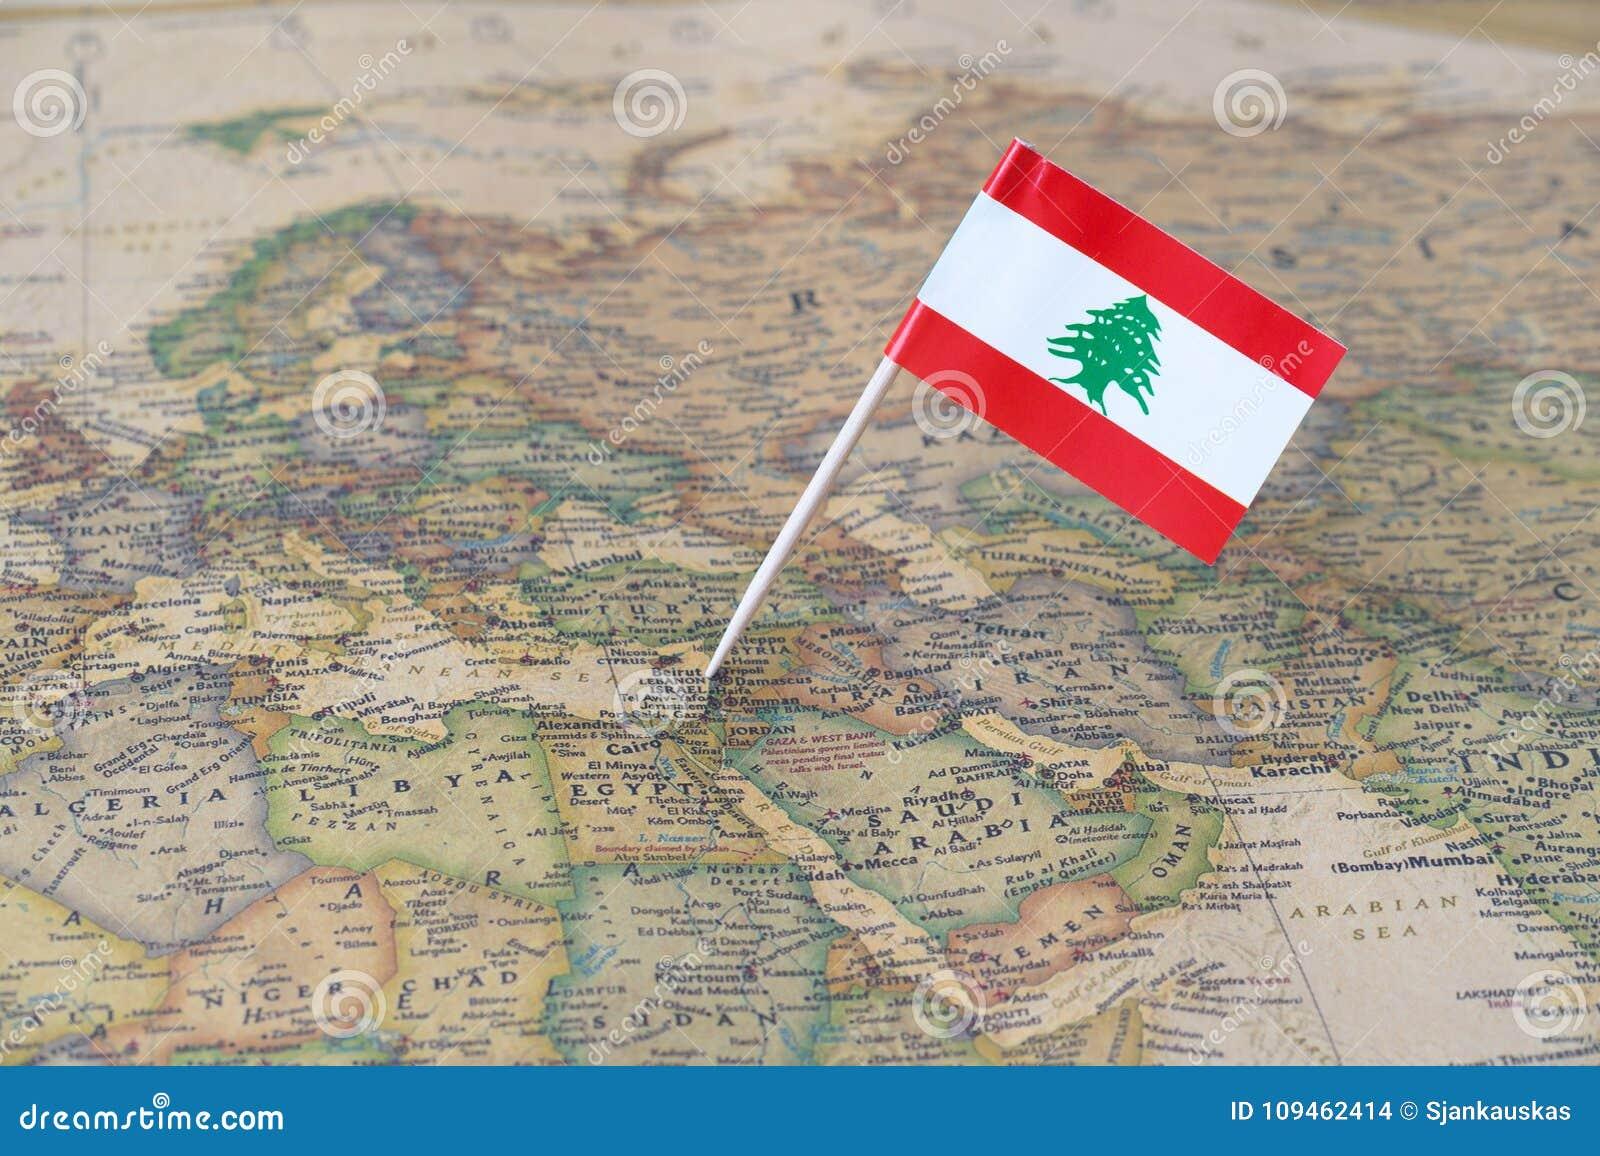 Cartina Del Libano.Mappa Del Libano E Perno Della Bandiera Fotografia Stock Immagine Di Individuato Libanese 109462414